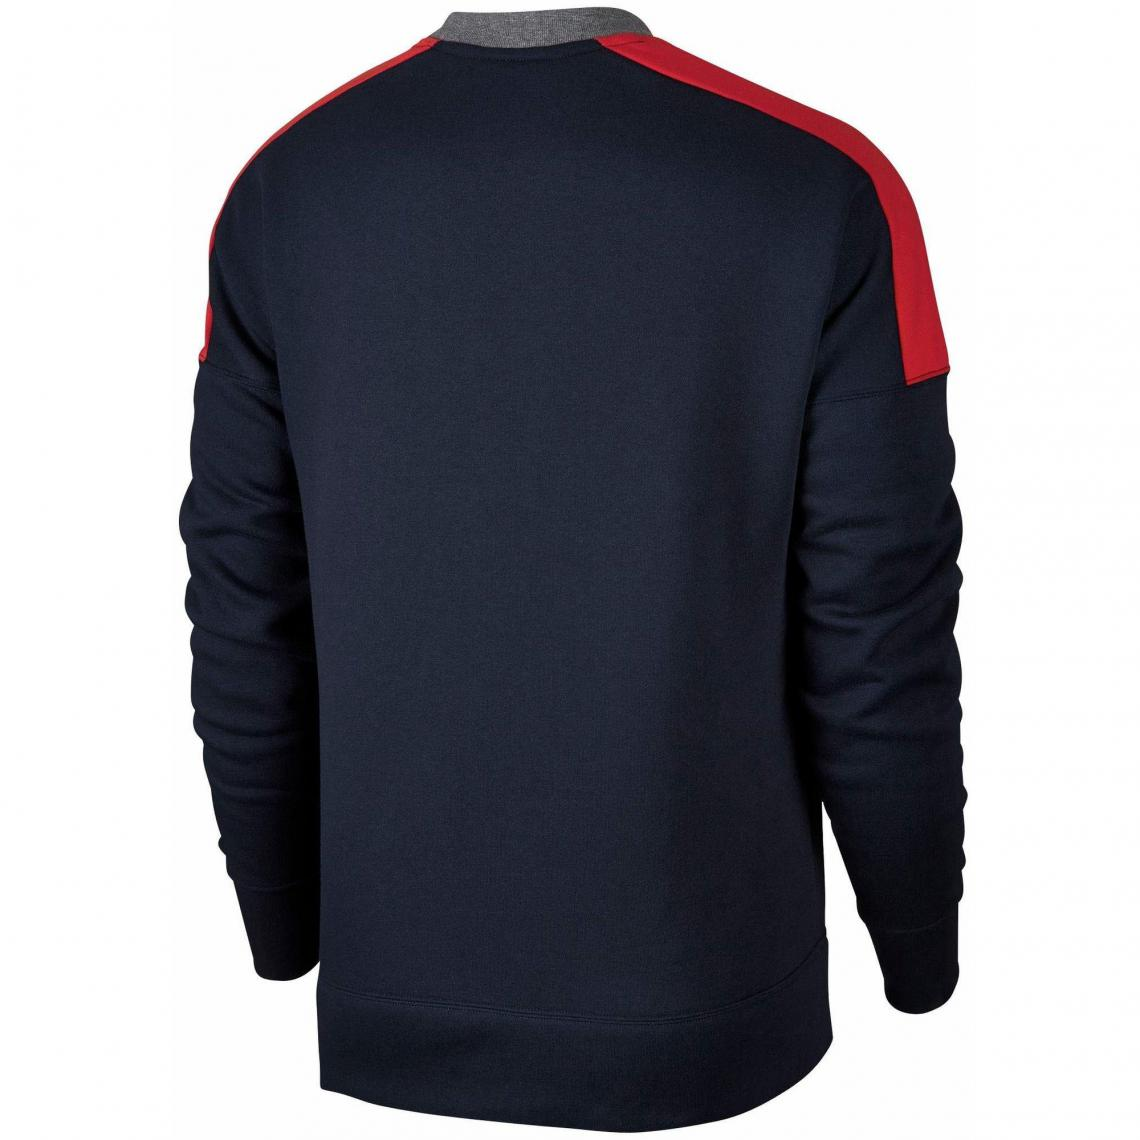 buy online 0fc39 c3ac9 Sweats sport homme Nike Cliquez l image pour l agrandir. Sweat col rond ...